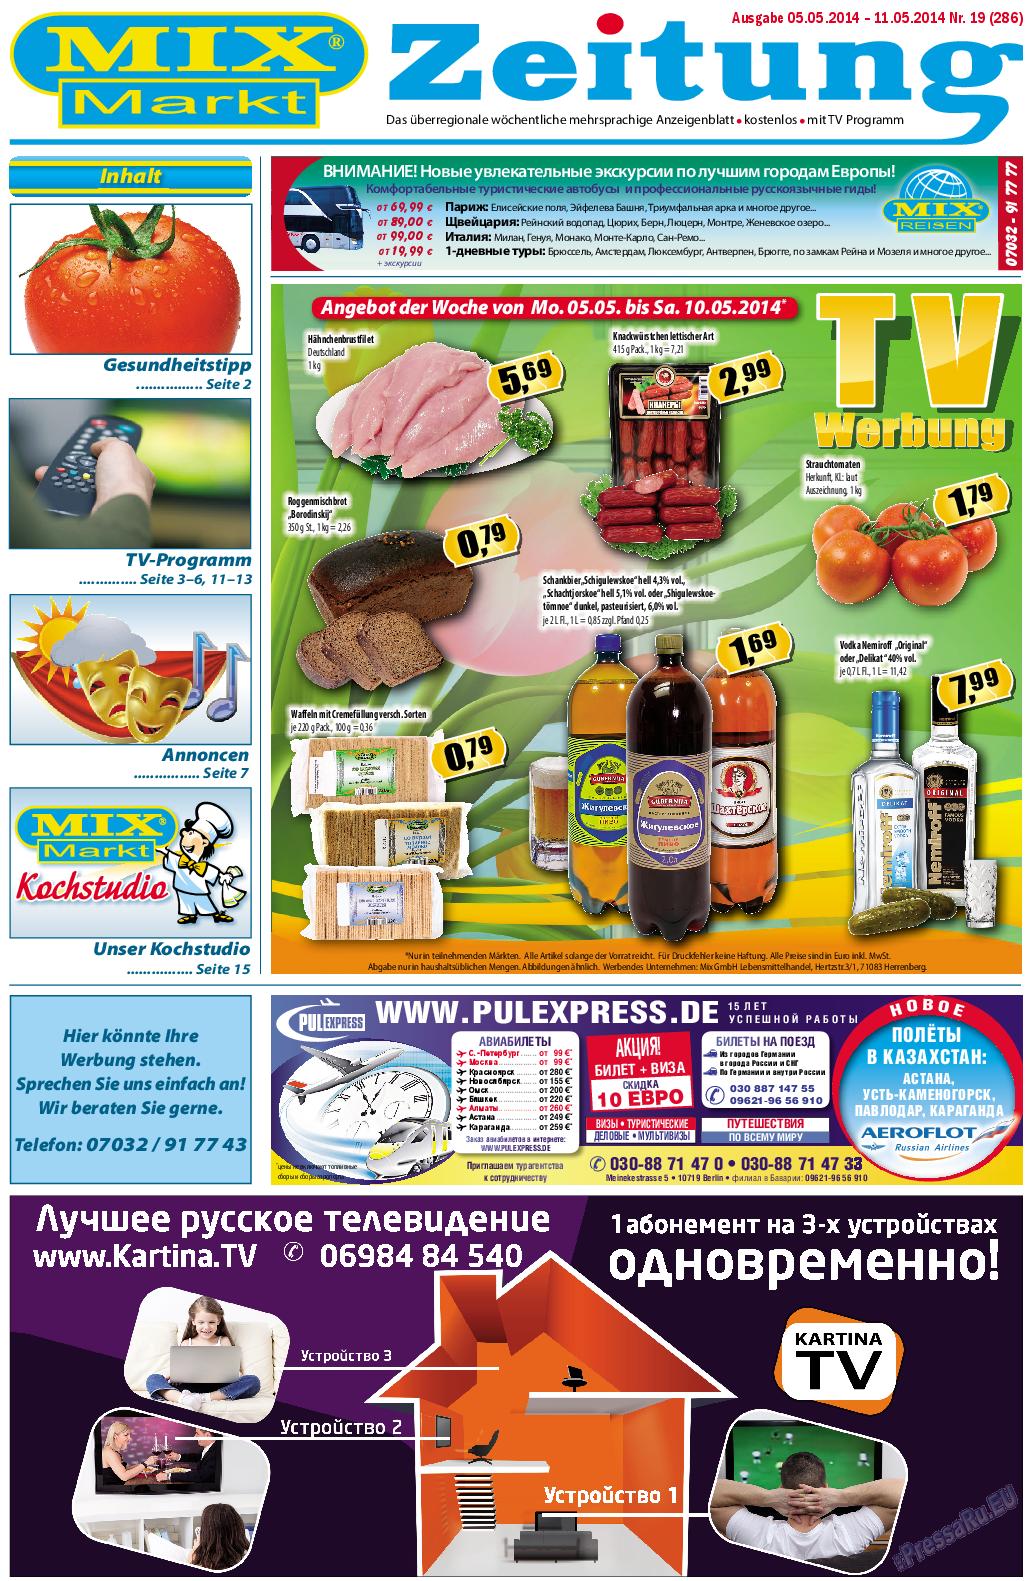 MIX-Markt Zeitung (газета). 2014 год, номер 19, стр. 1